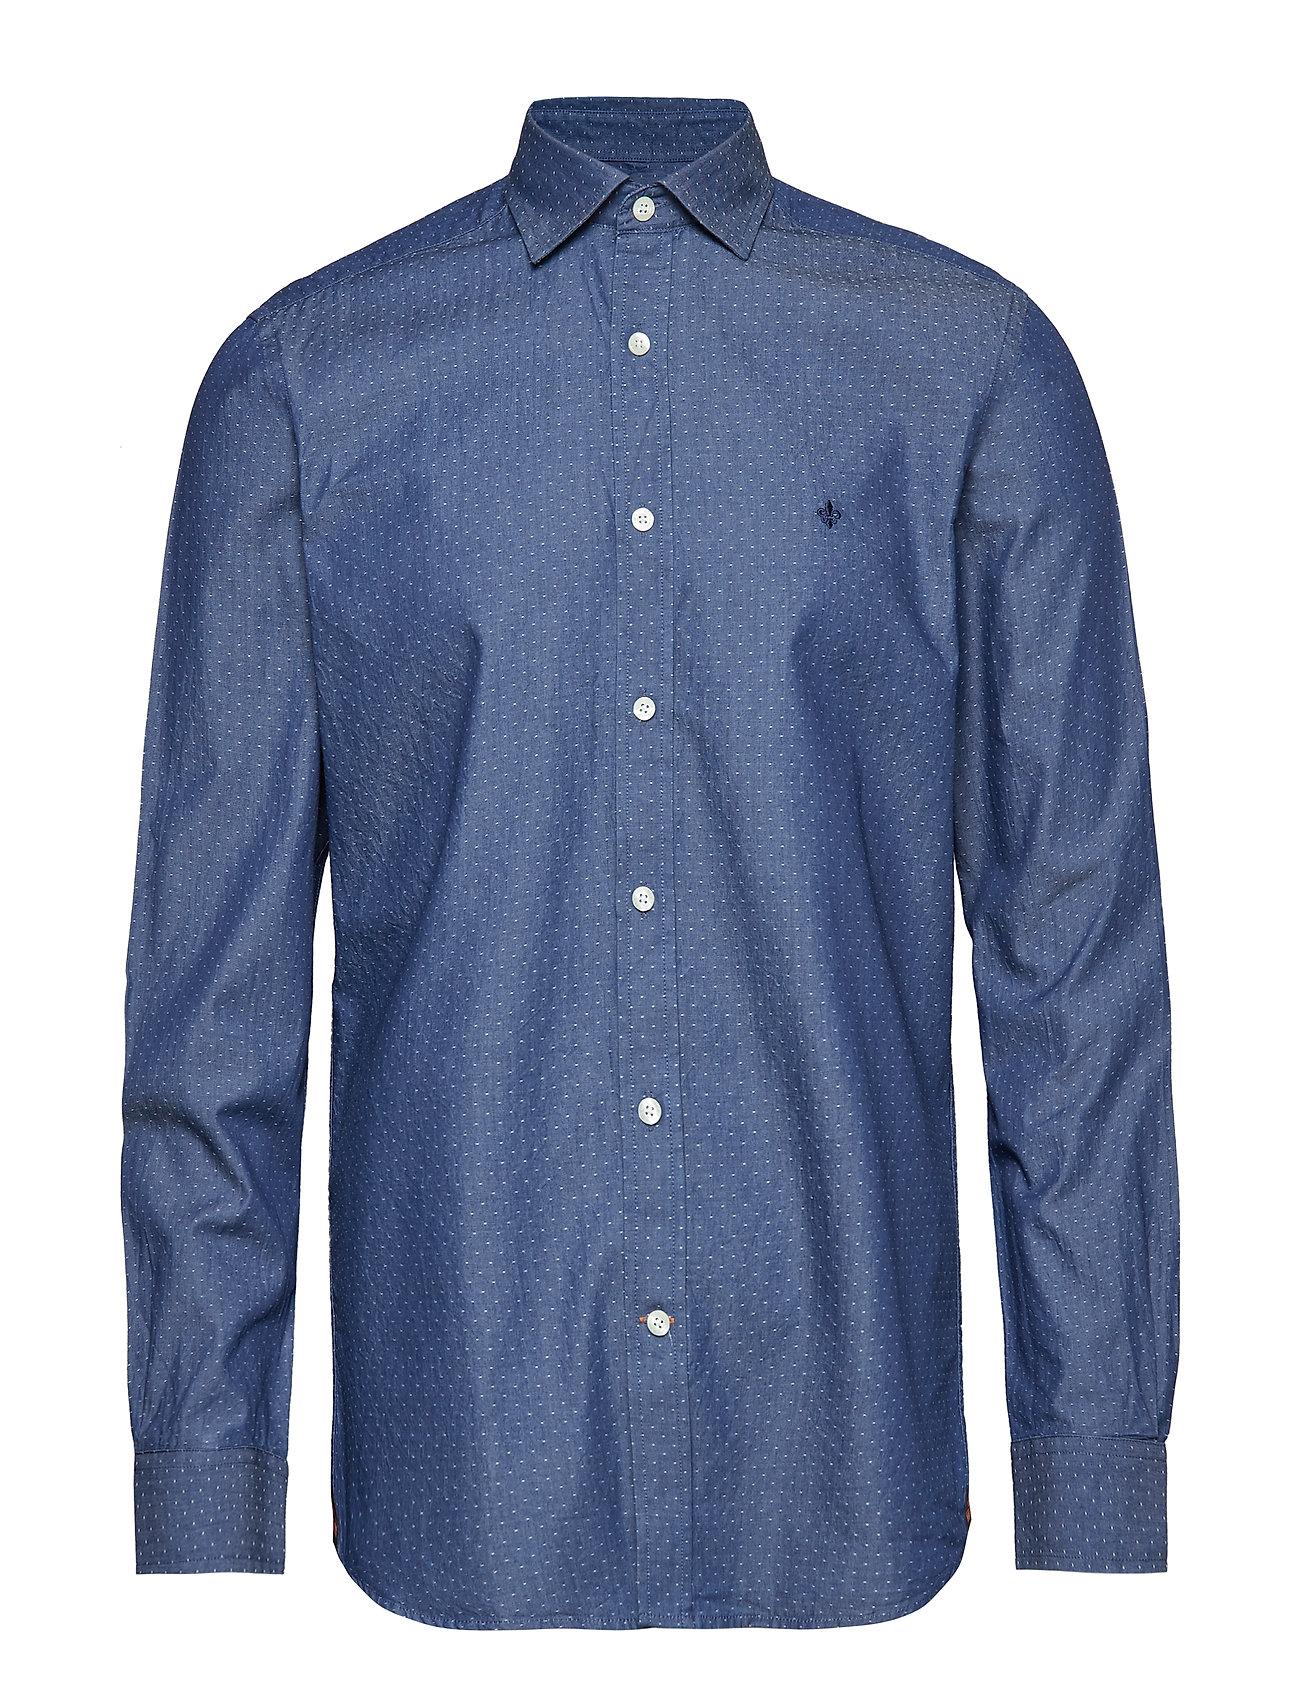 Morris Bernard Indigo Spread Collar S - BLUE